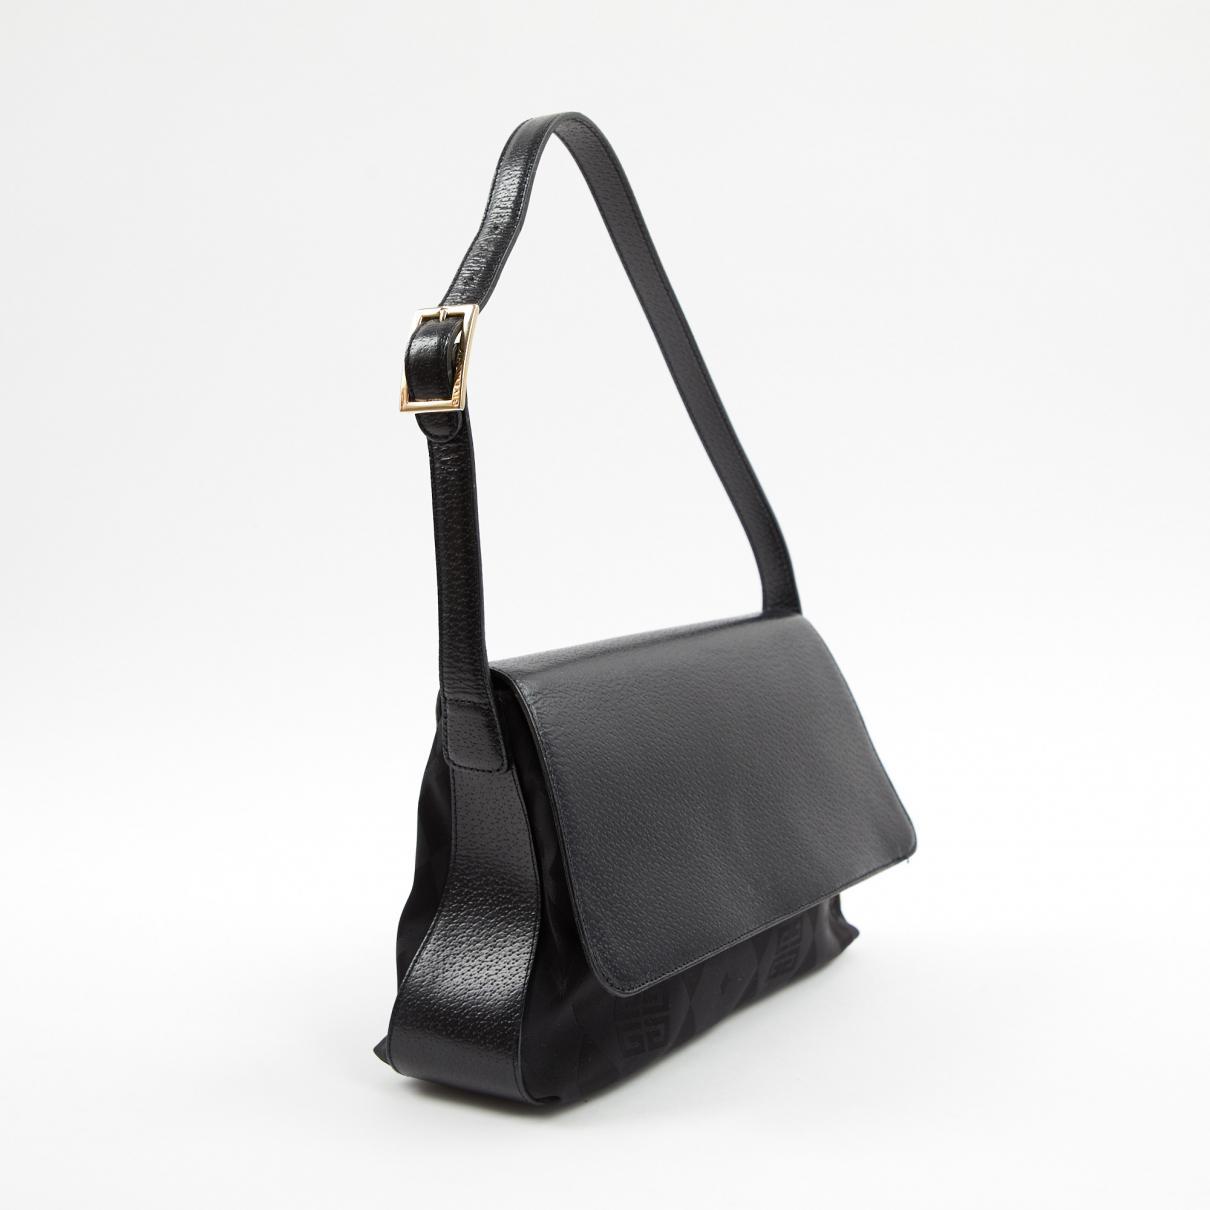 Coloris Toile Noir Lyst À Sac En Givenchy Main y8mNwOvn0